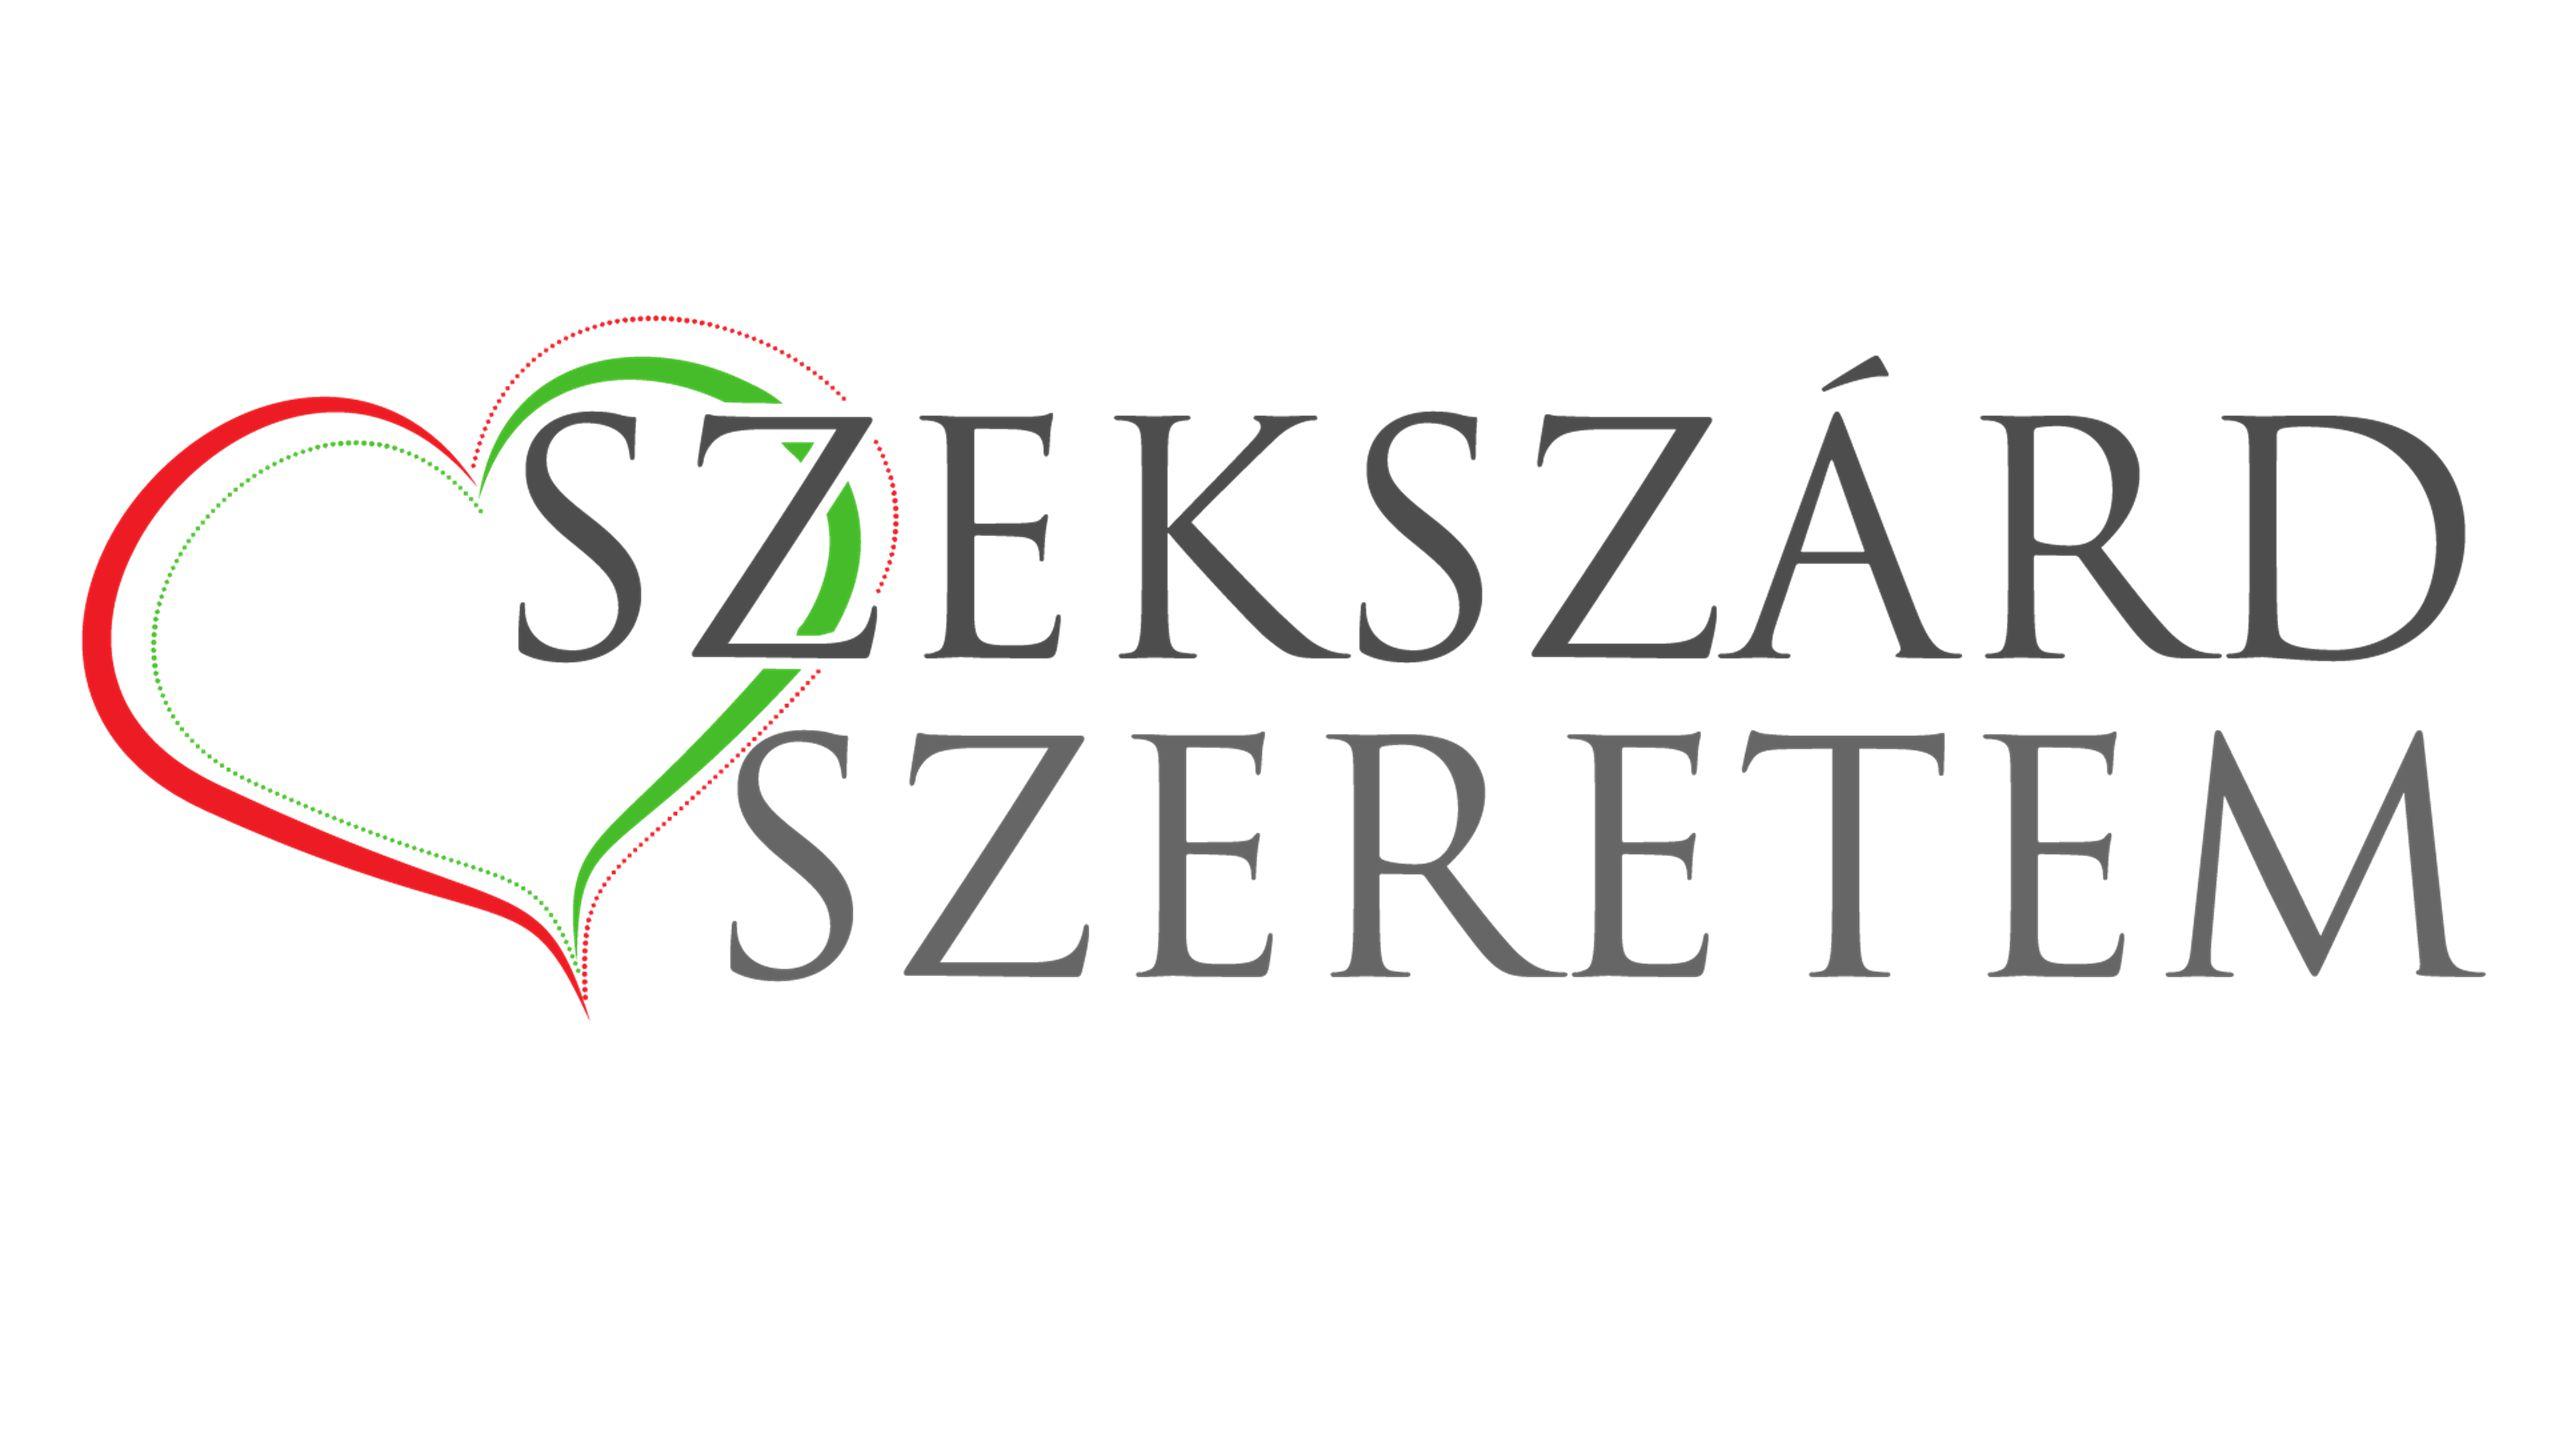 Szekszárd Megyei Jogú Város településfejlesztési koncepciójának és integrált városfejlesztési stratégiájának aktualizálása 2014-2020 Partnerségi egyeztetés